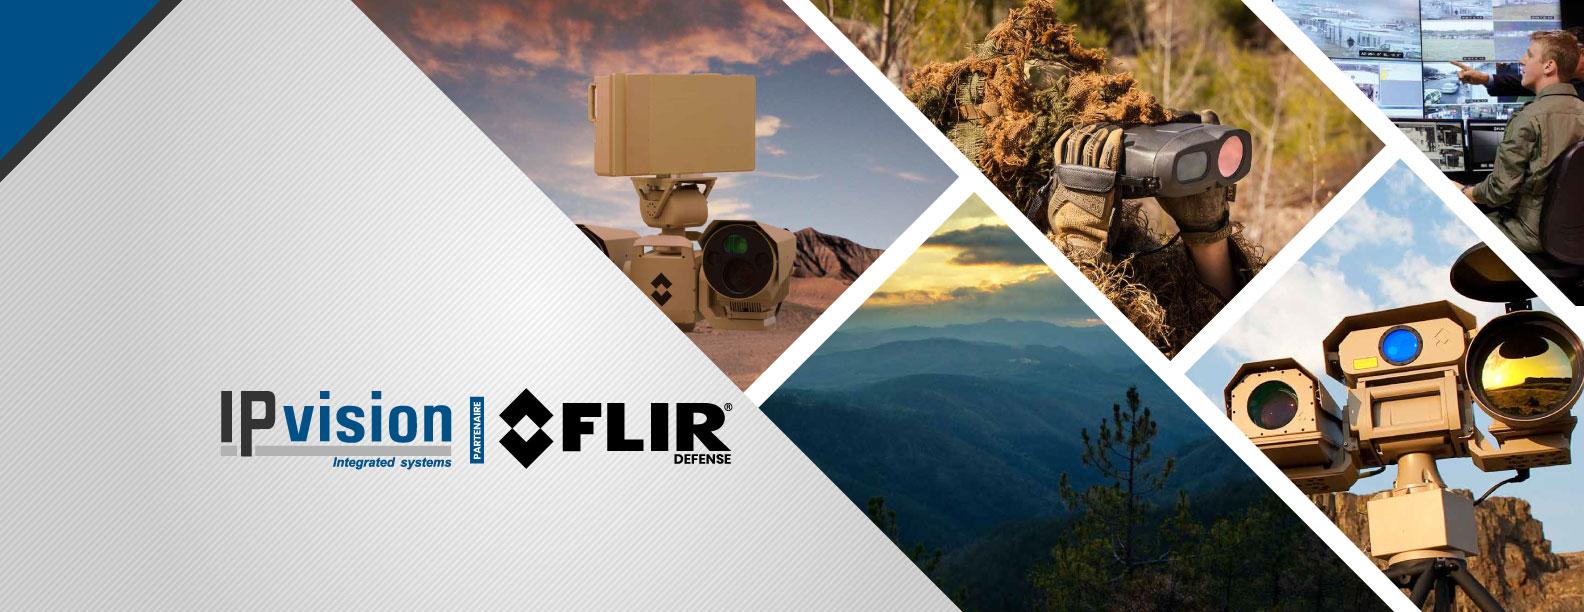 IPvision-Partenaire-Flir-Défense